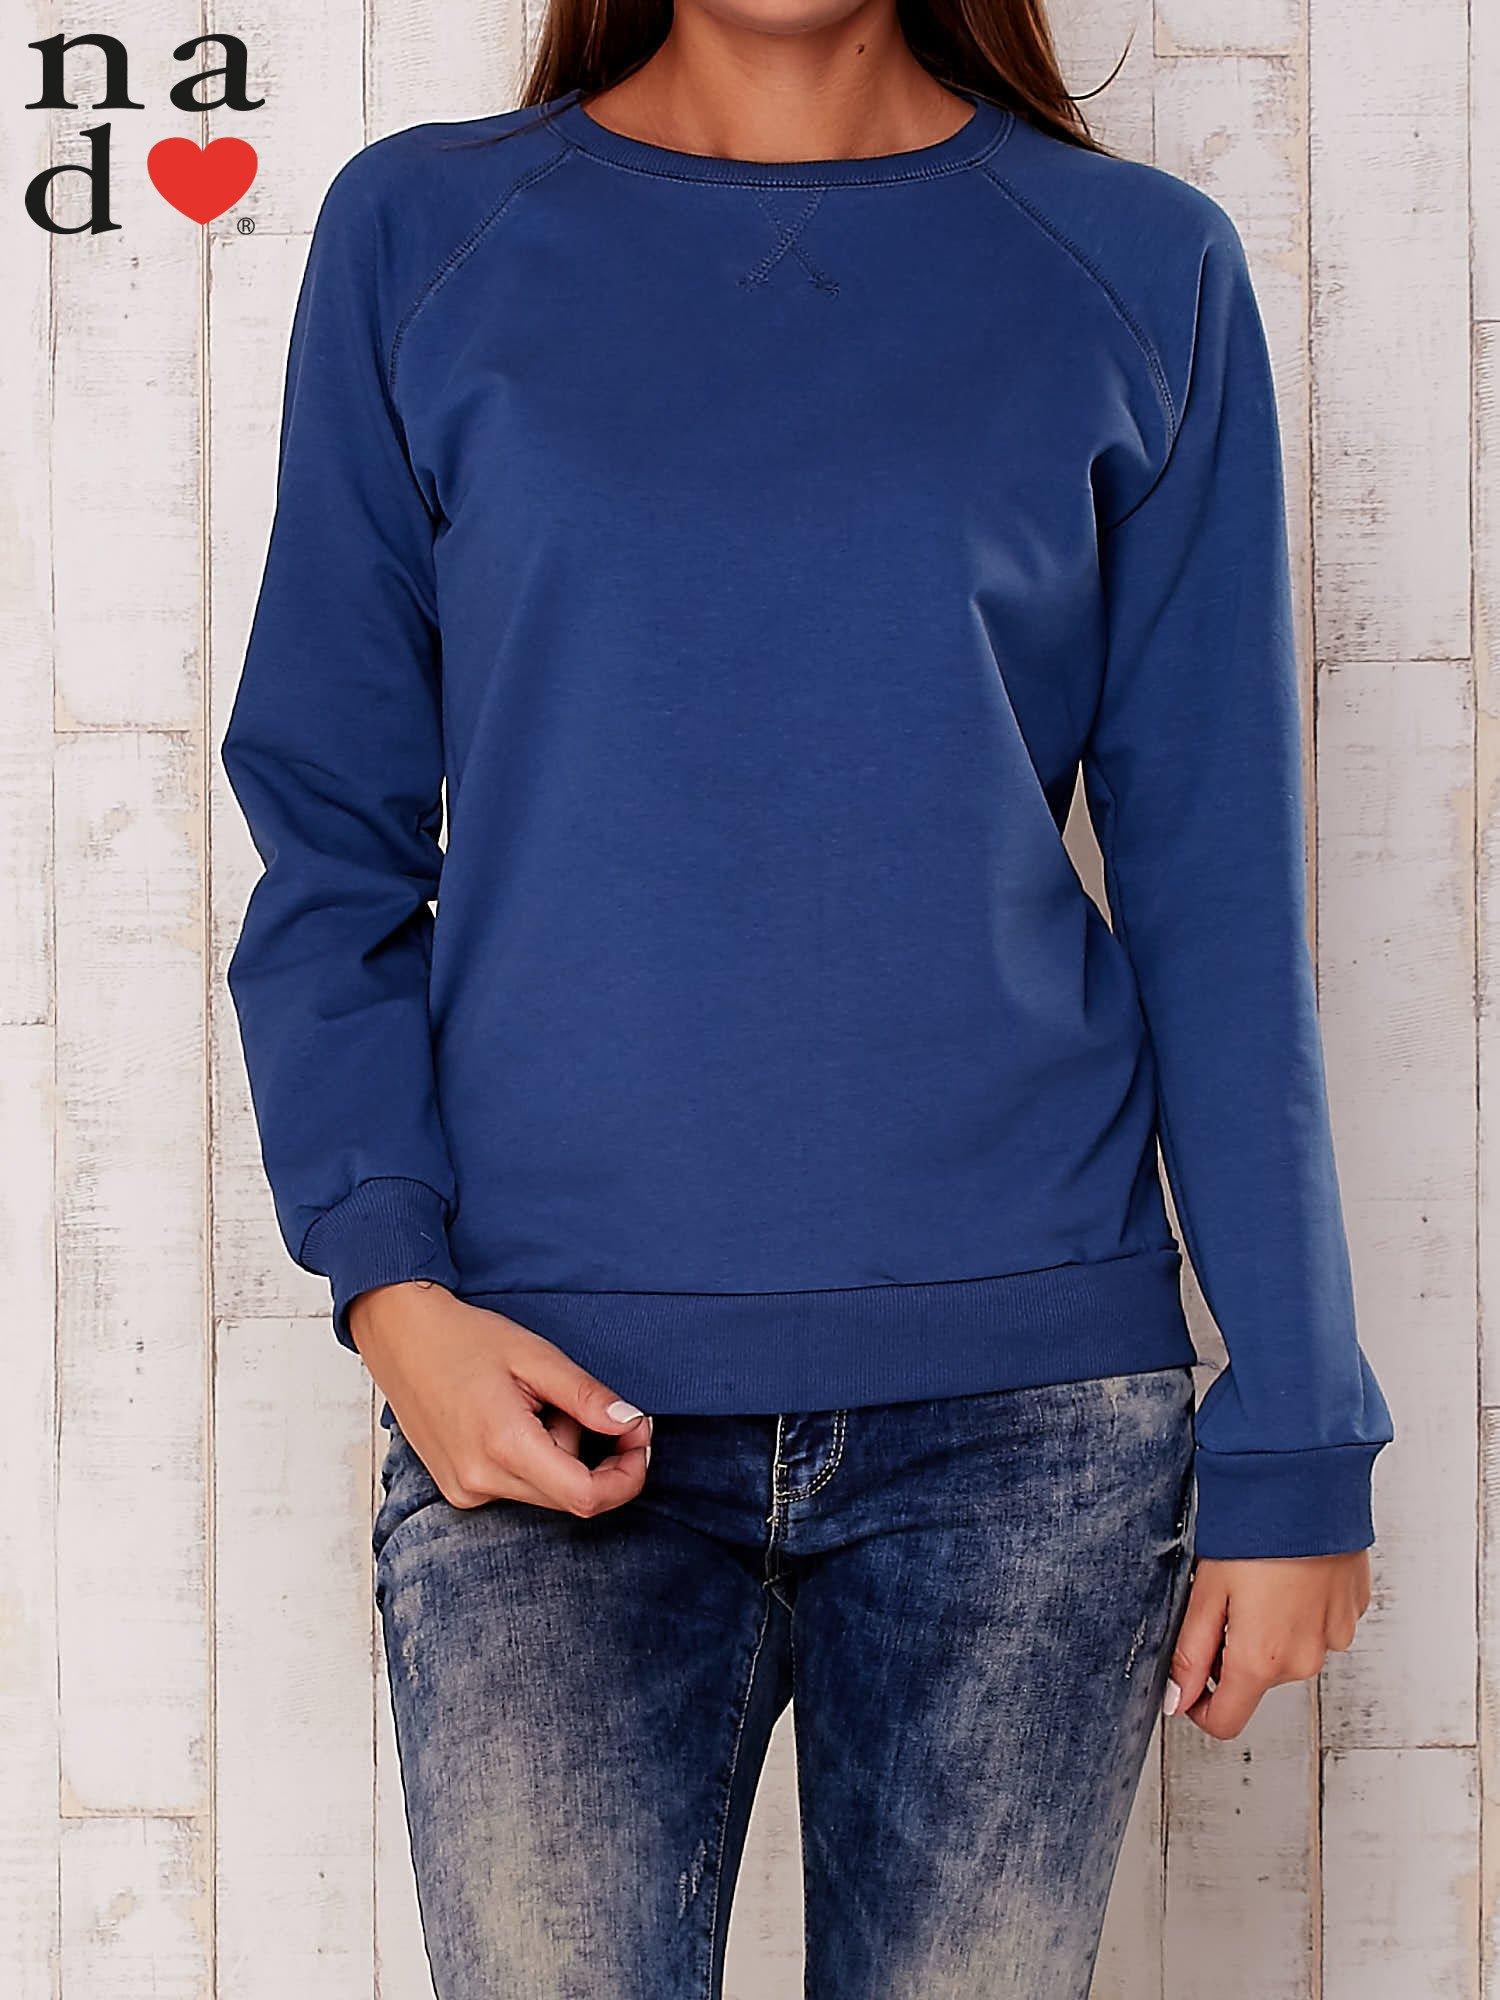 Ciemnoniebieska gładka bluza                                  zdj.                                  1